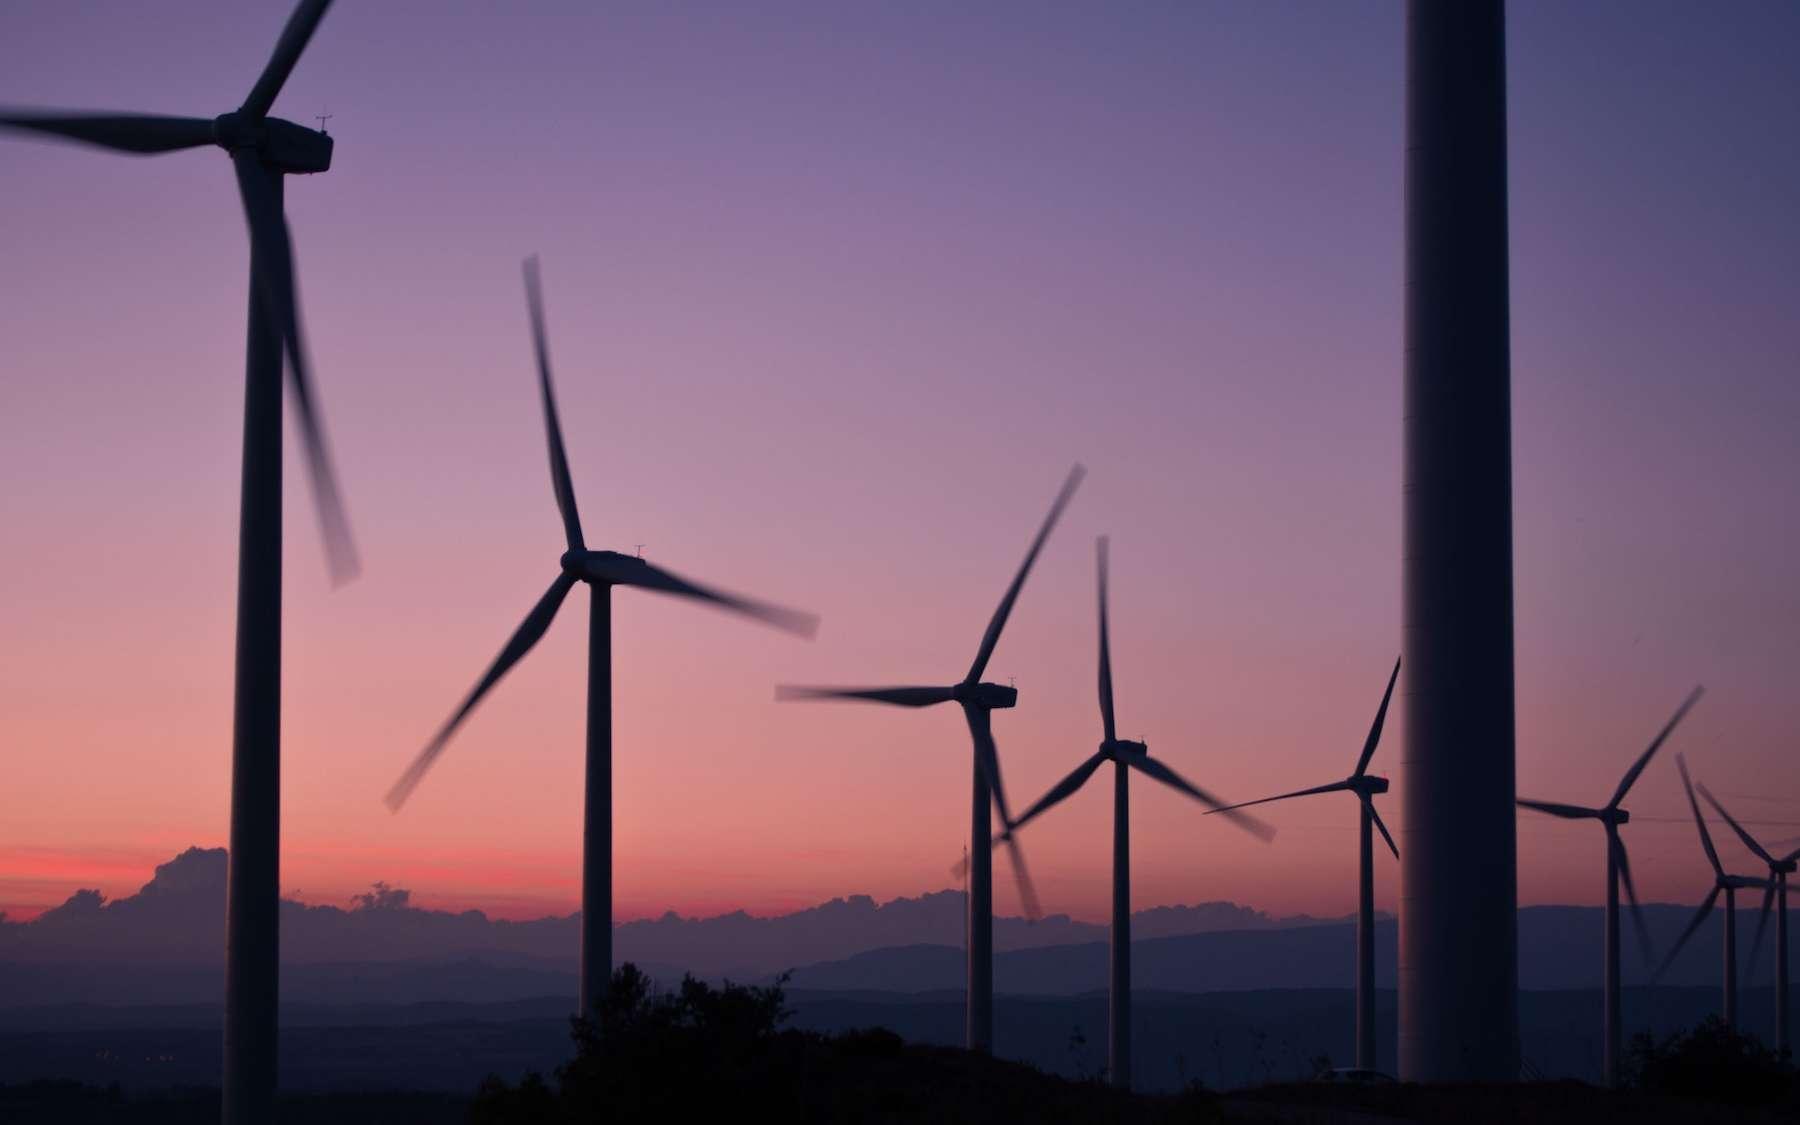 Un champ d'éoliennes en Espagne. © Anna Jiménez Calaf, Unsplash